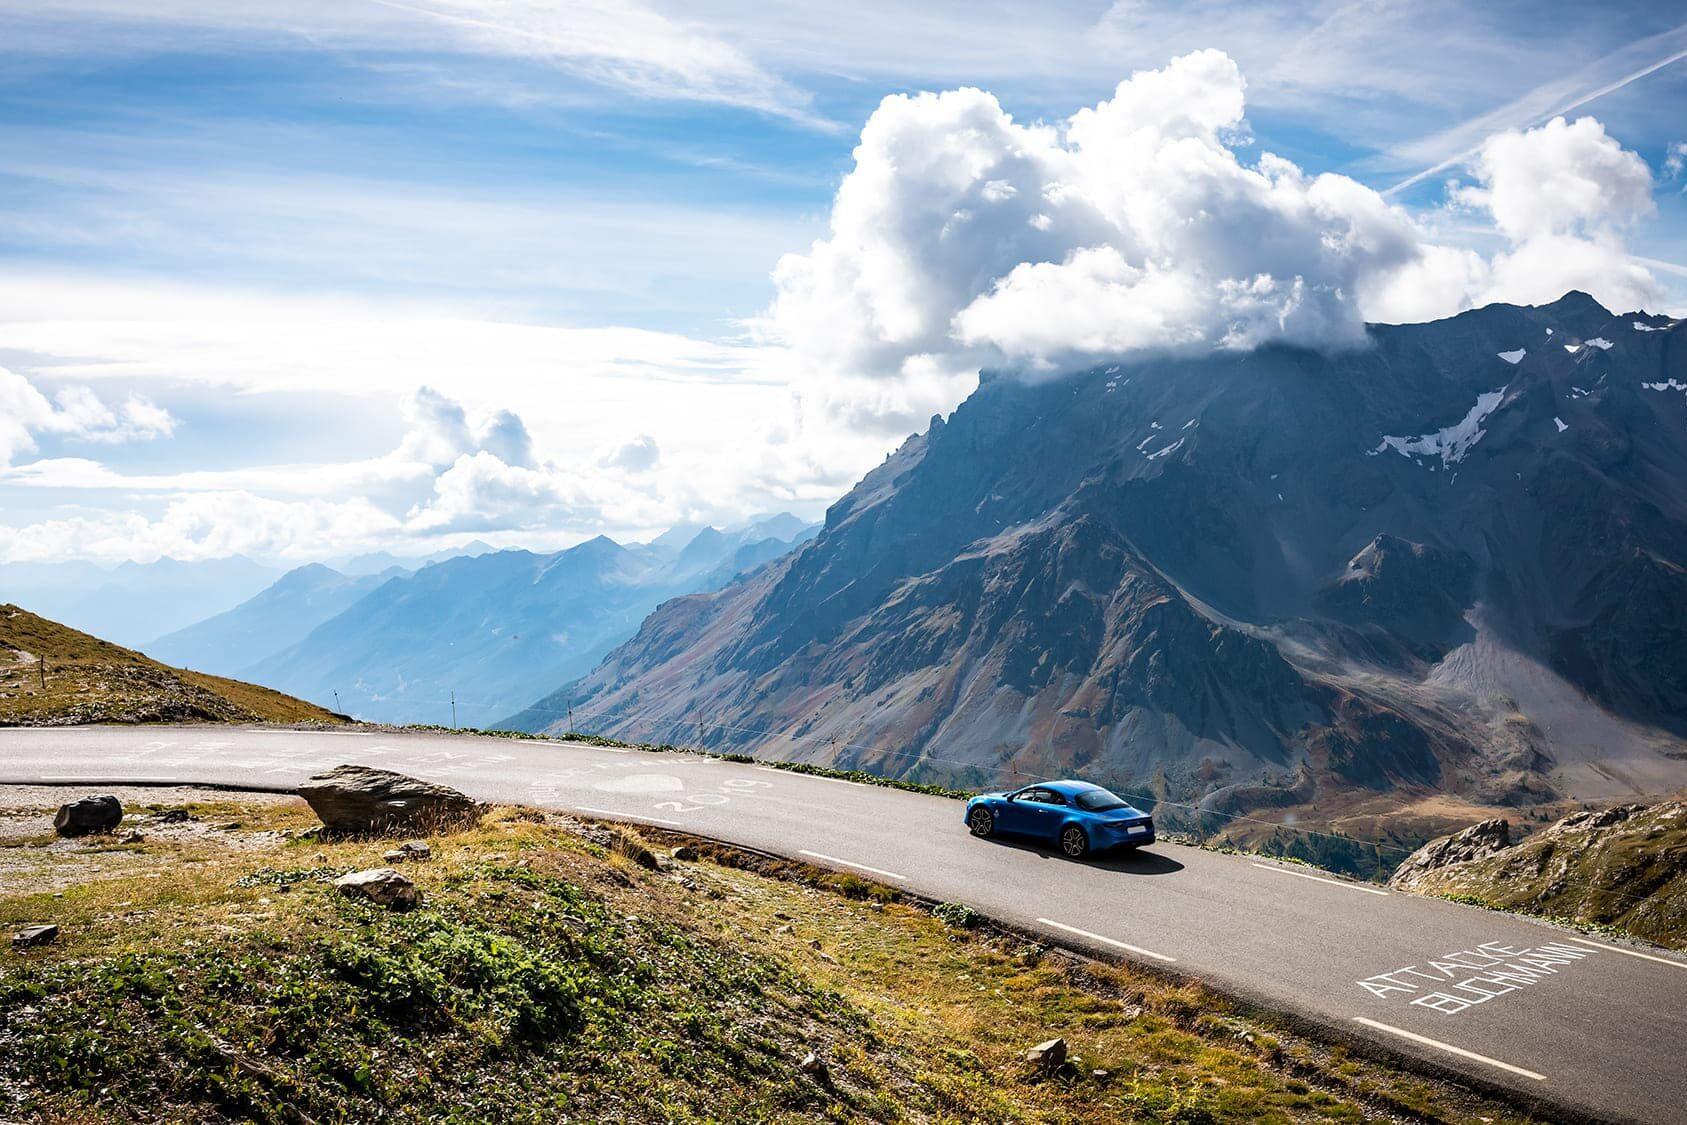 gotrip roadtrip voyage entre voitures sportives et passionnés